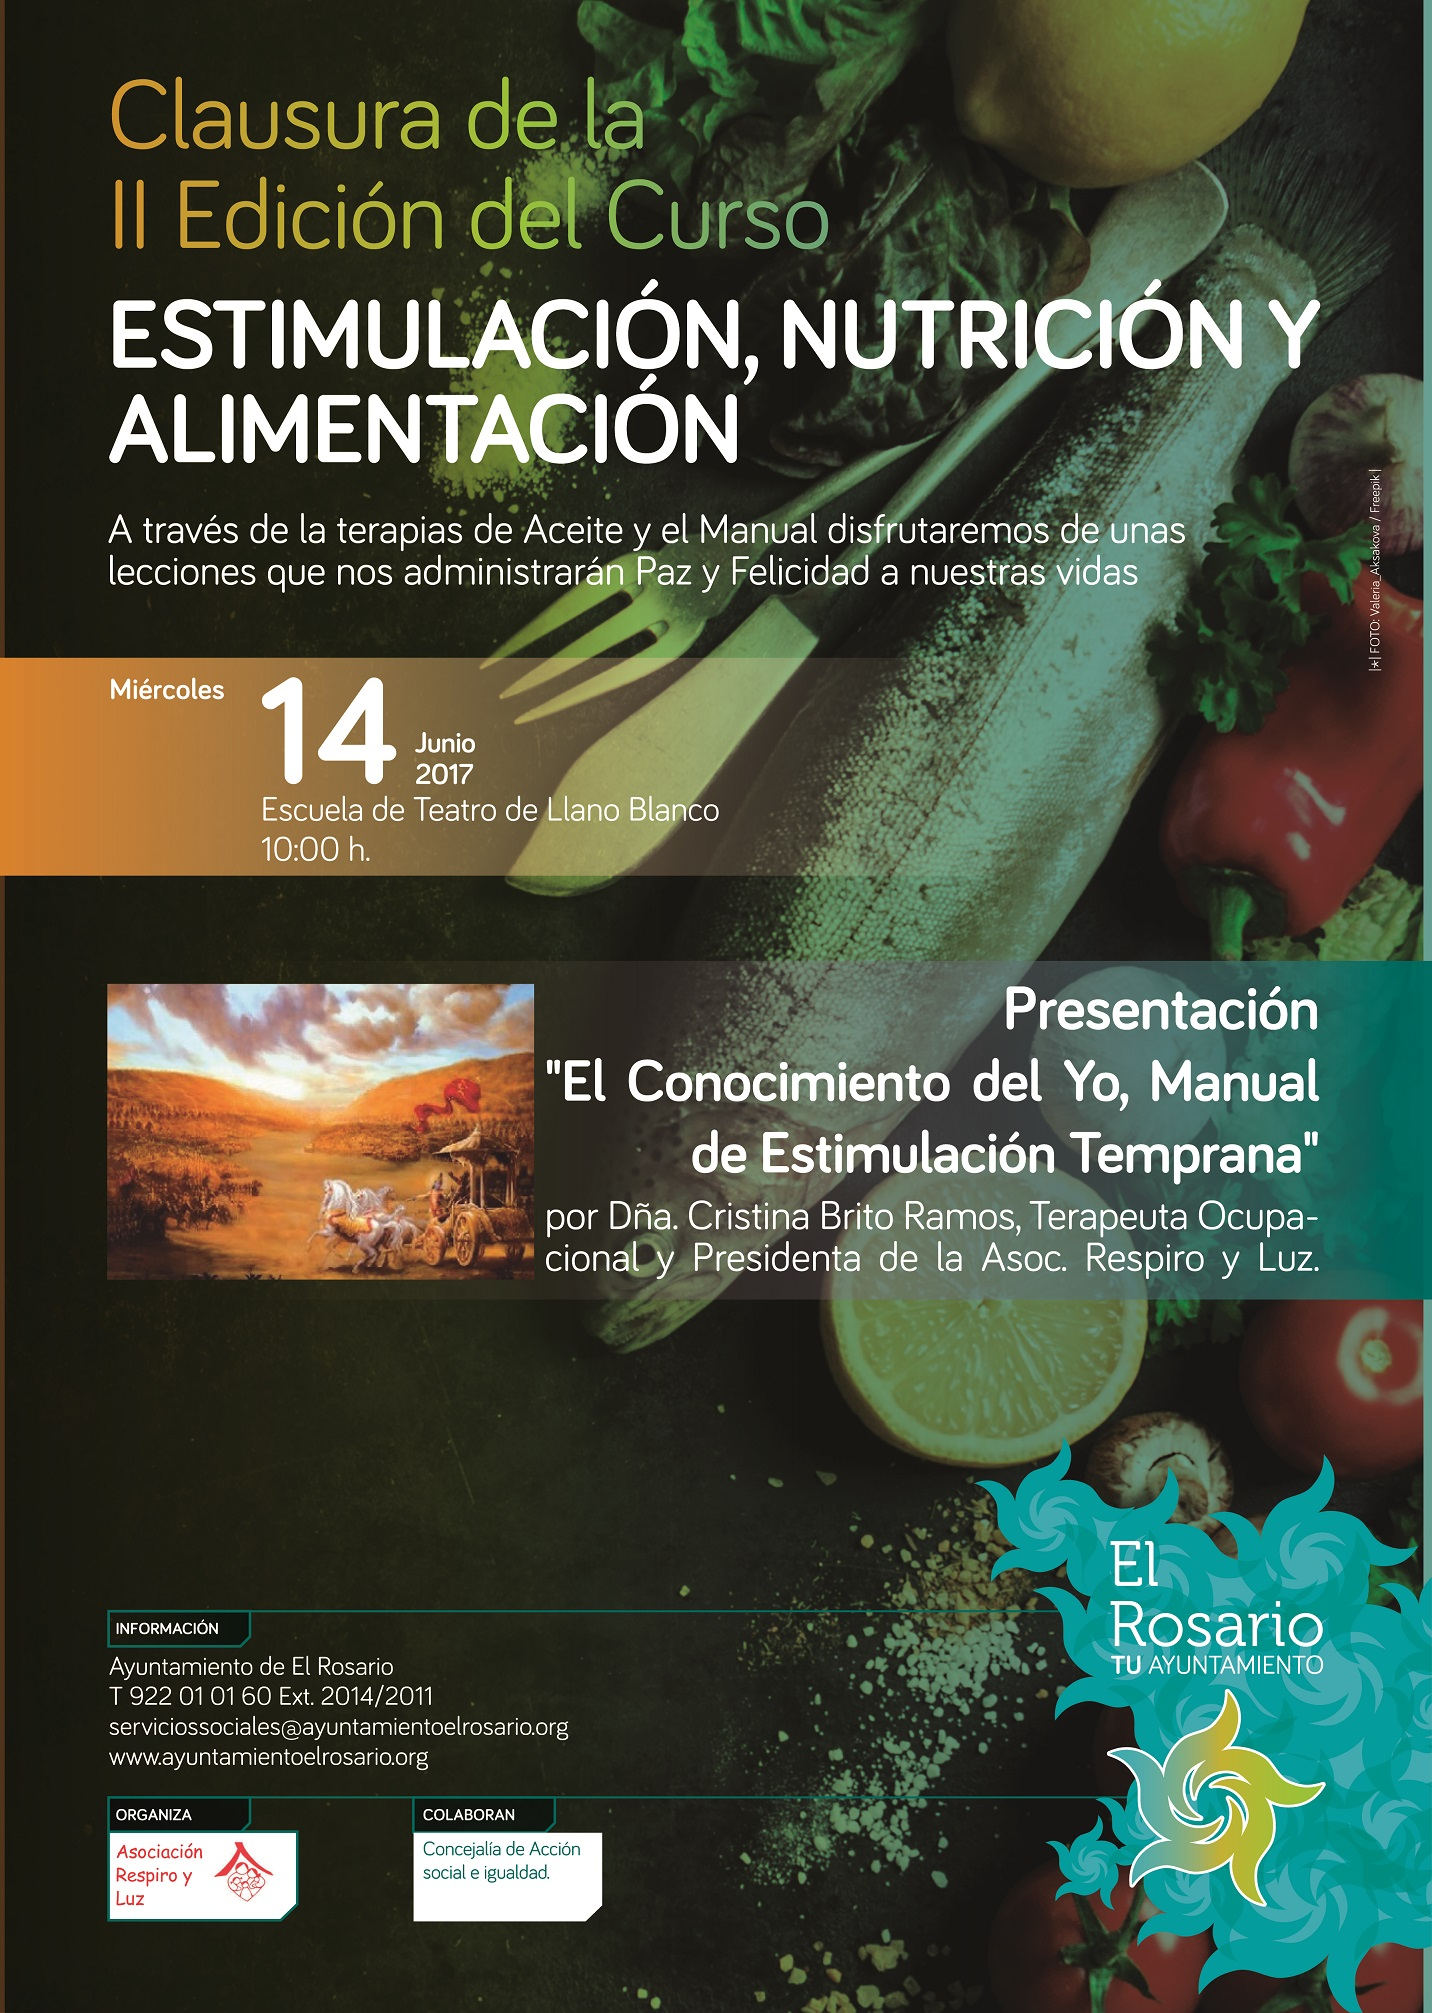 II Edición de Curso de Estimulación, nutrición y alimentación_20170601af-01